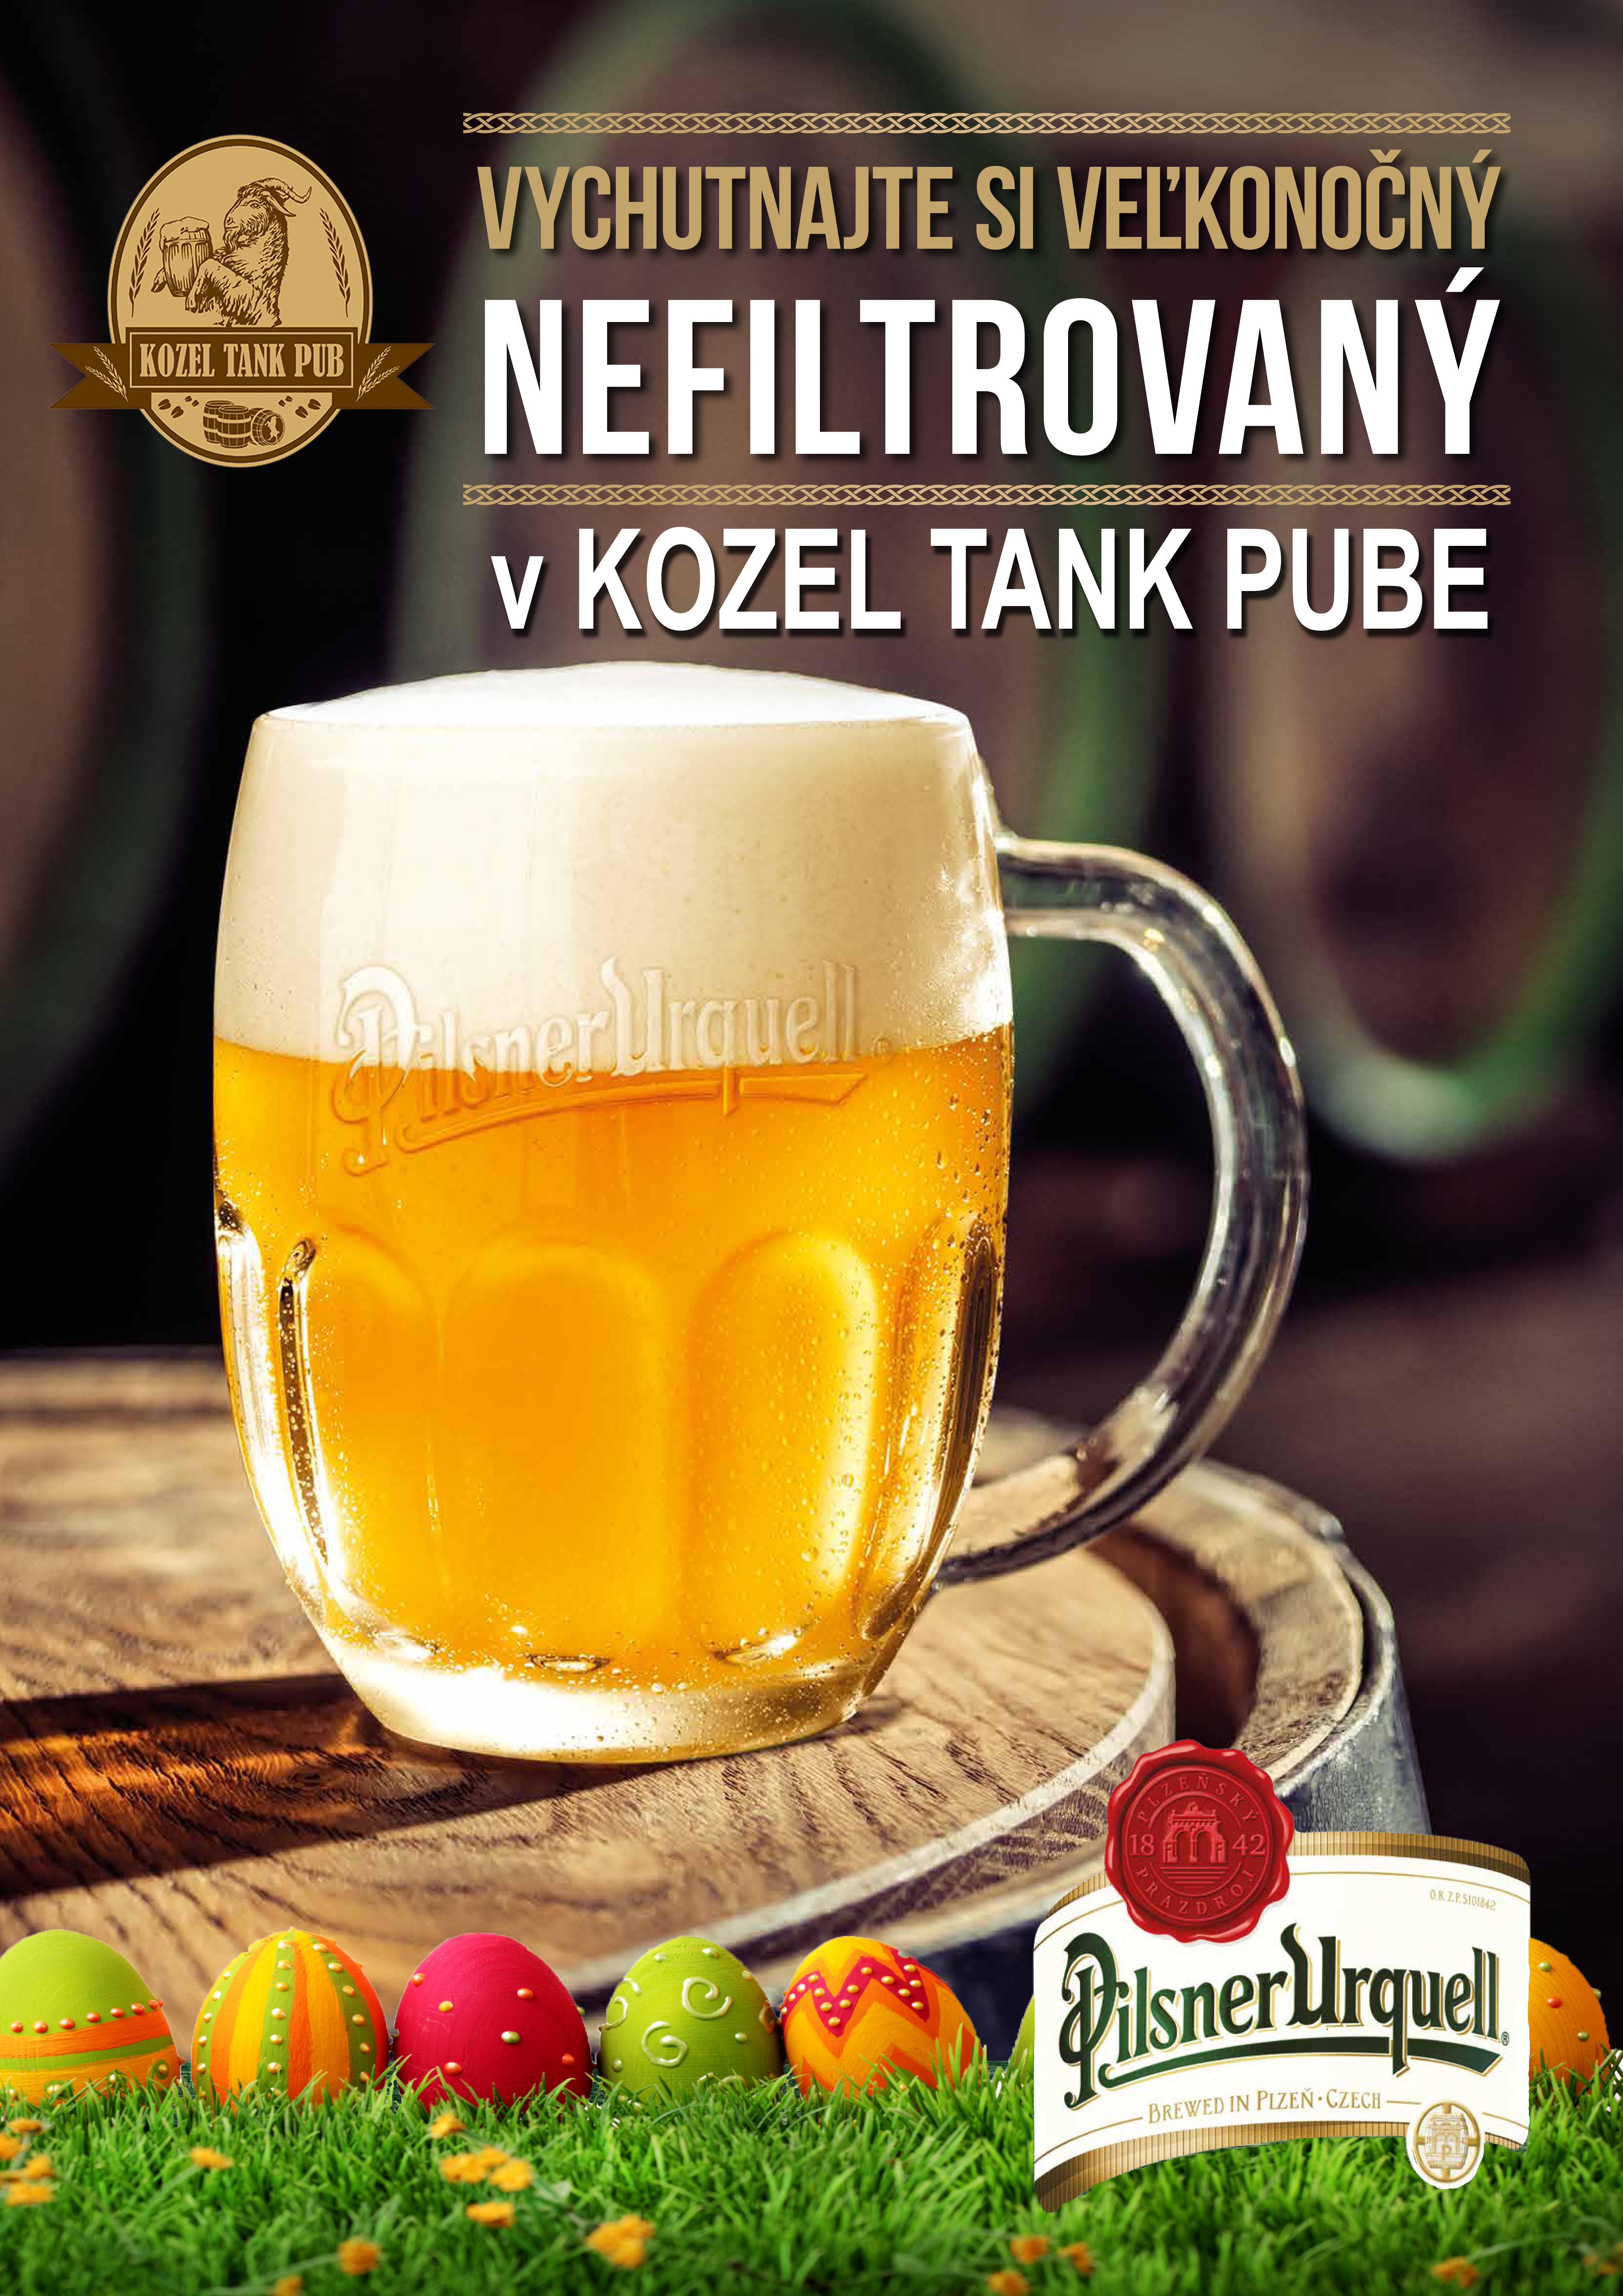 Veľkonočný Nefiltrovaný Plzeň!!